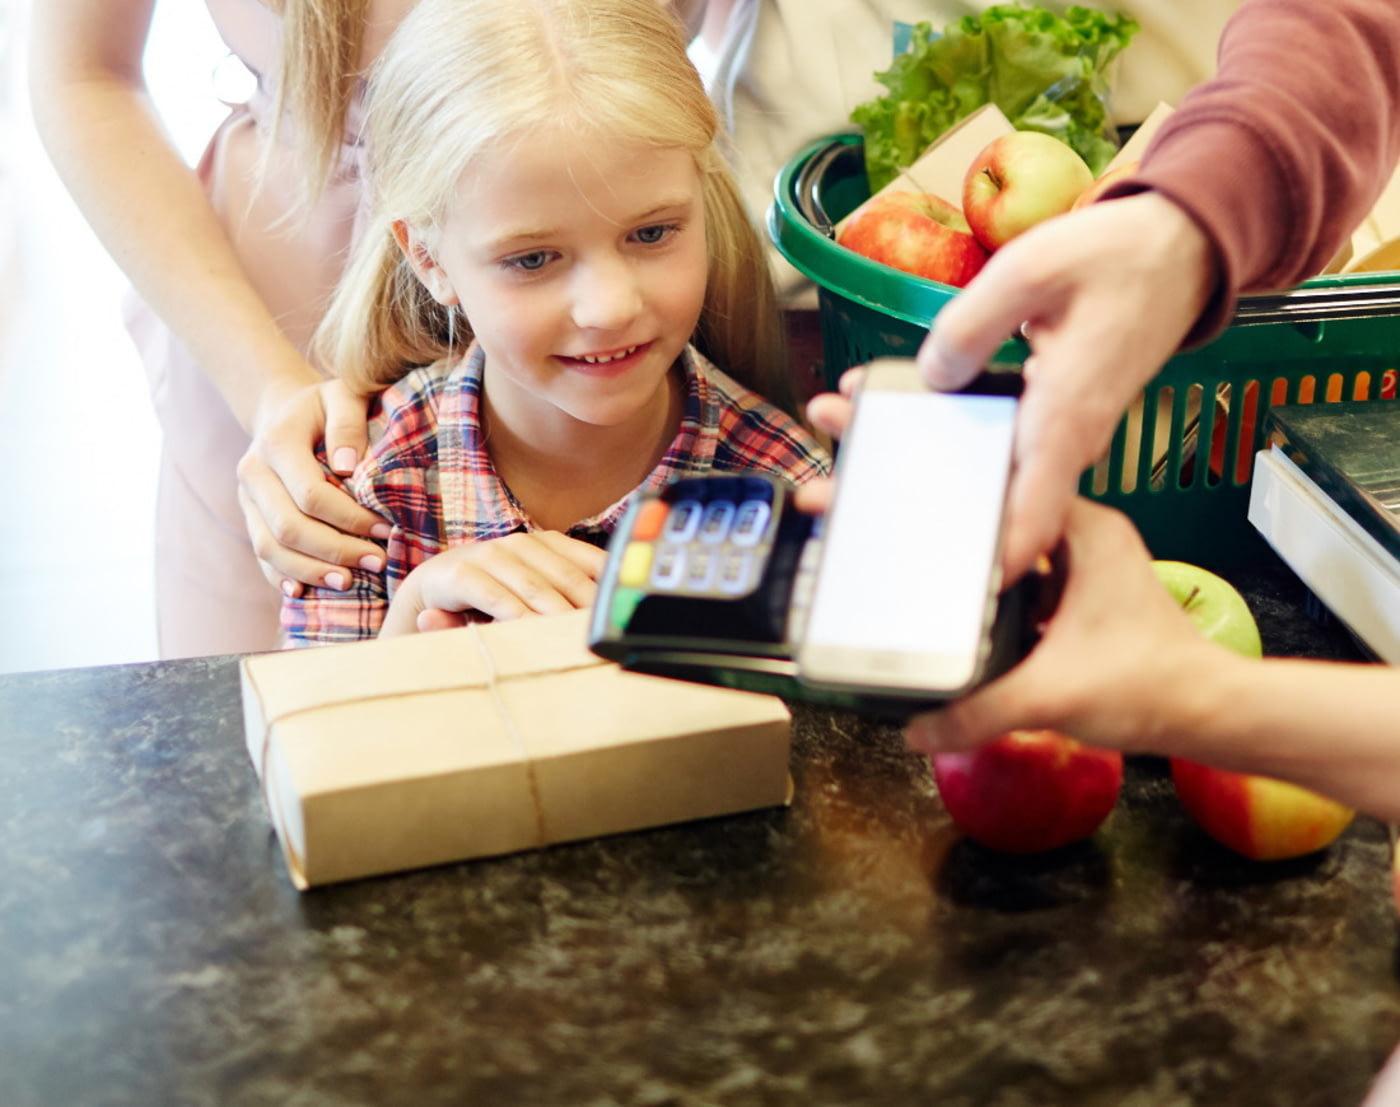 Familie beim Bezahlen im Supermarkt.